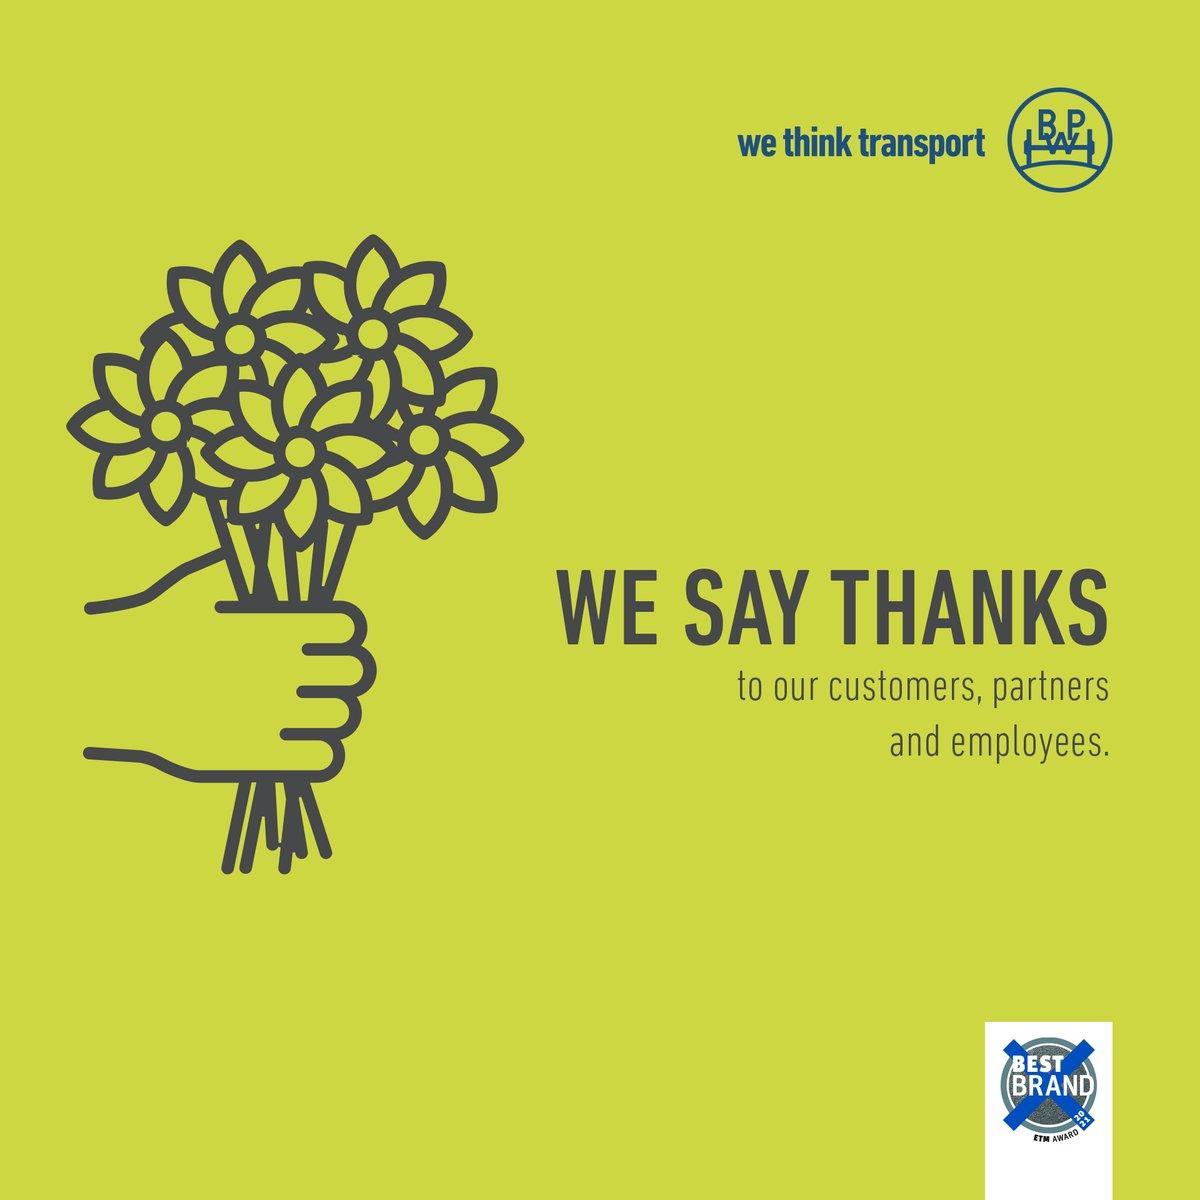 """Wir sagen Danke, für 15. Mal """"Best Brand"""" in der Kategorie Trailerachsen. 🤩🥳🙌  Wir sind stolz, dass BPW beim ETM-Award erneut zur bevorzugten Marke der Transport- und Logistikprofis Deutschlands gewählt wurde. Vielen Dank für eurer Vertrauen! https://t.co/YUkDkJRG9t"""